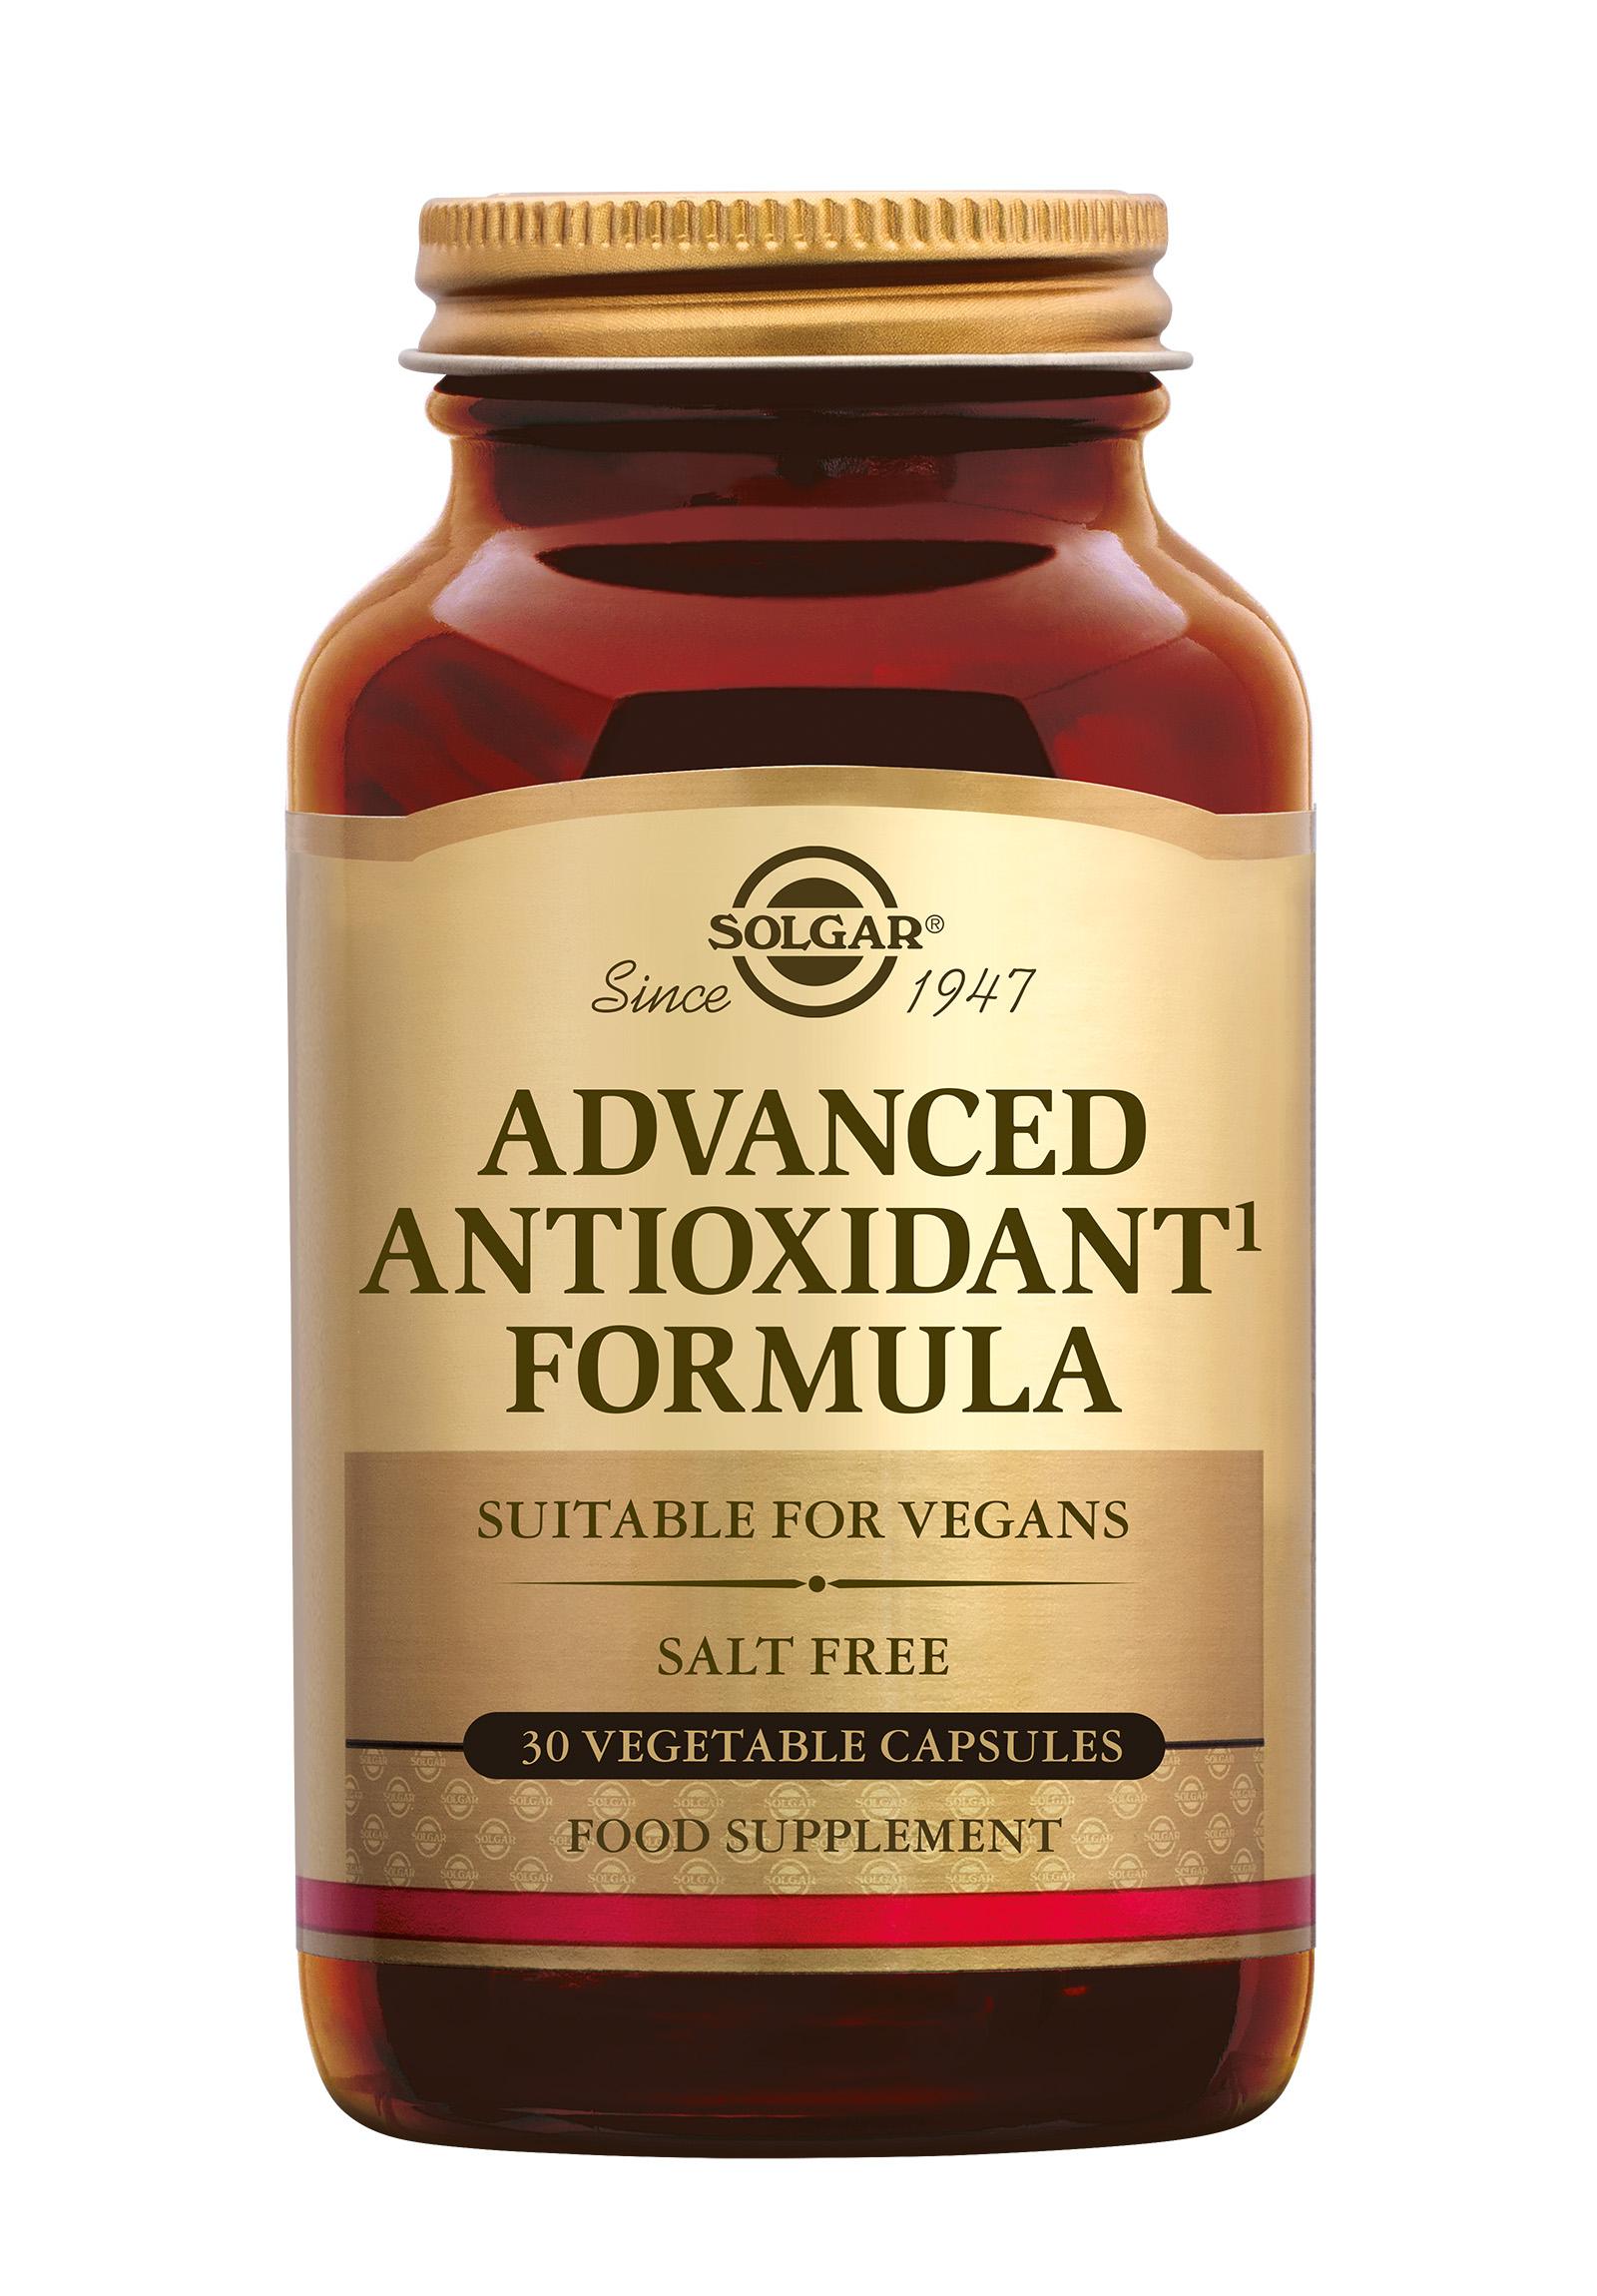 Advanced Antioxidant Formula, Solgar, Solgar Advanced Antioxidant Formula is zeer breed van samenstelling. Het complex levert een bijdrage aan het beschermen van cellen tegen oxidatieve schade en helpt tegen invloeden door vervuiling en zonlicht (vitamine C, E, B-2, selenium, zink, koper, man